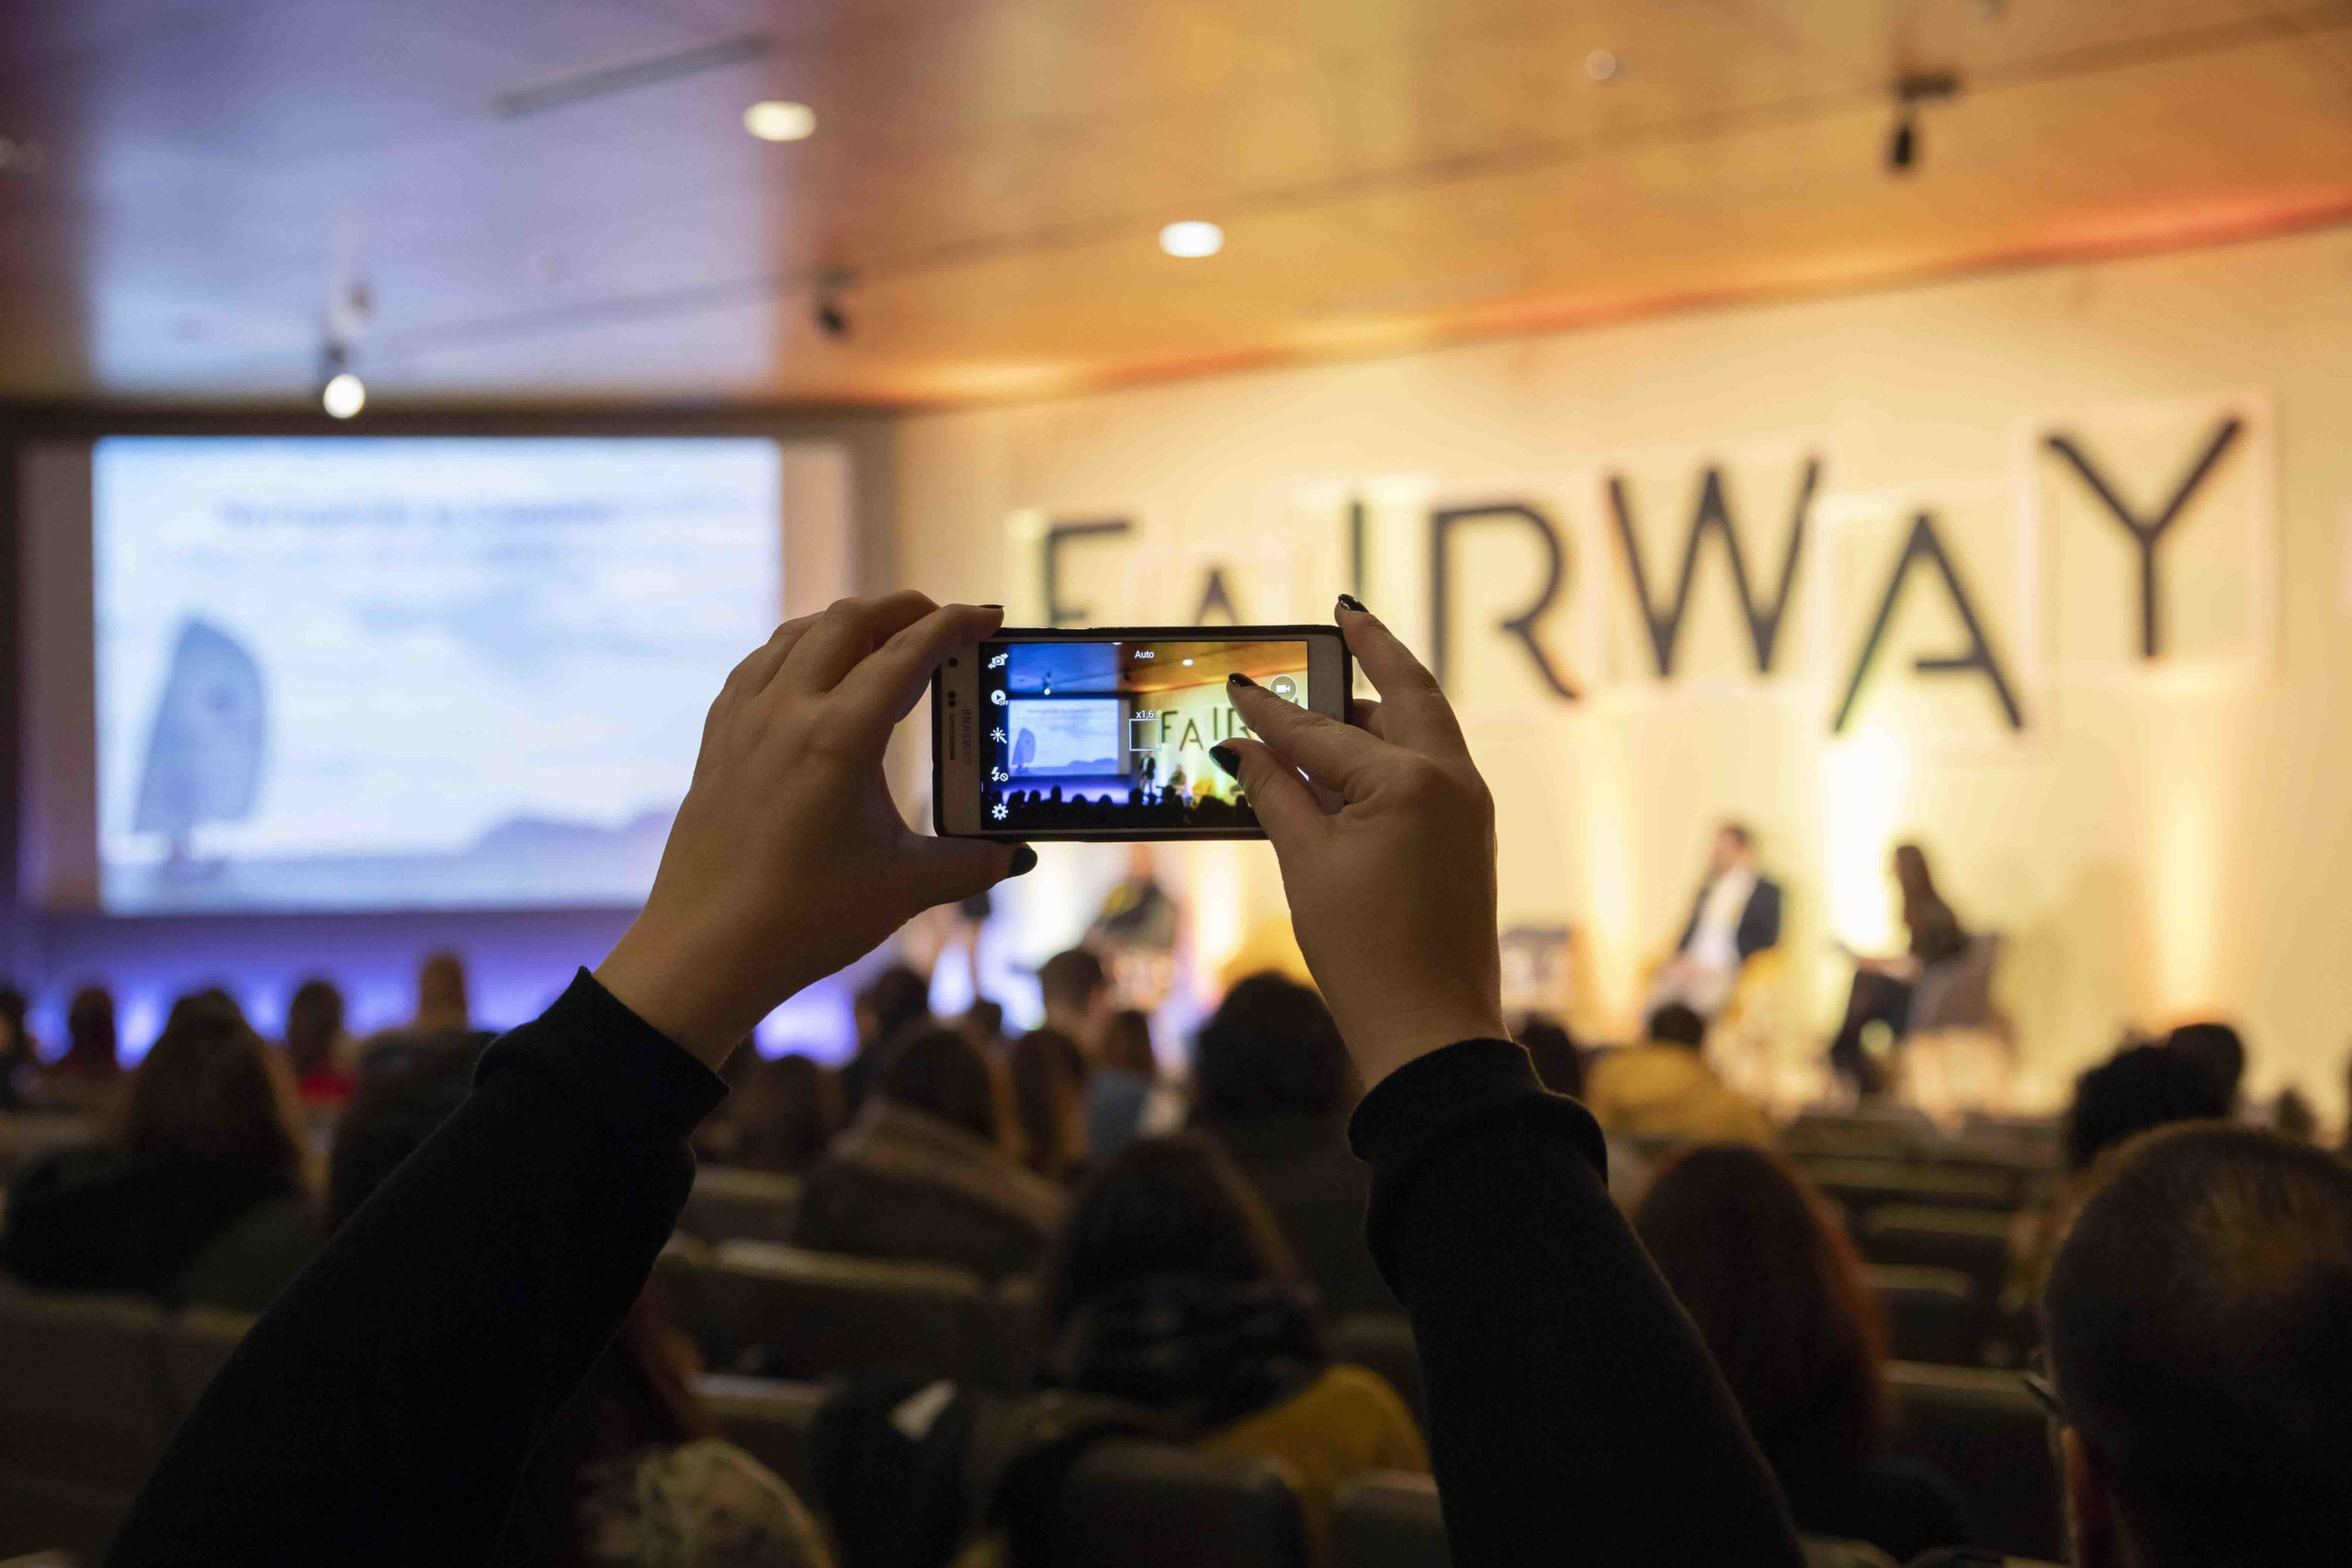 Fairway ofrecerá más de una docena de mesas de debate, coloquios y talleres